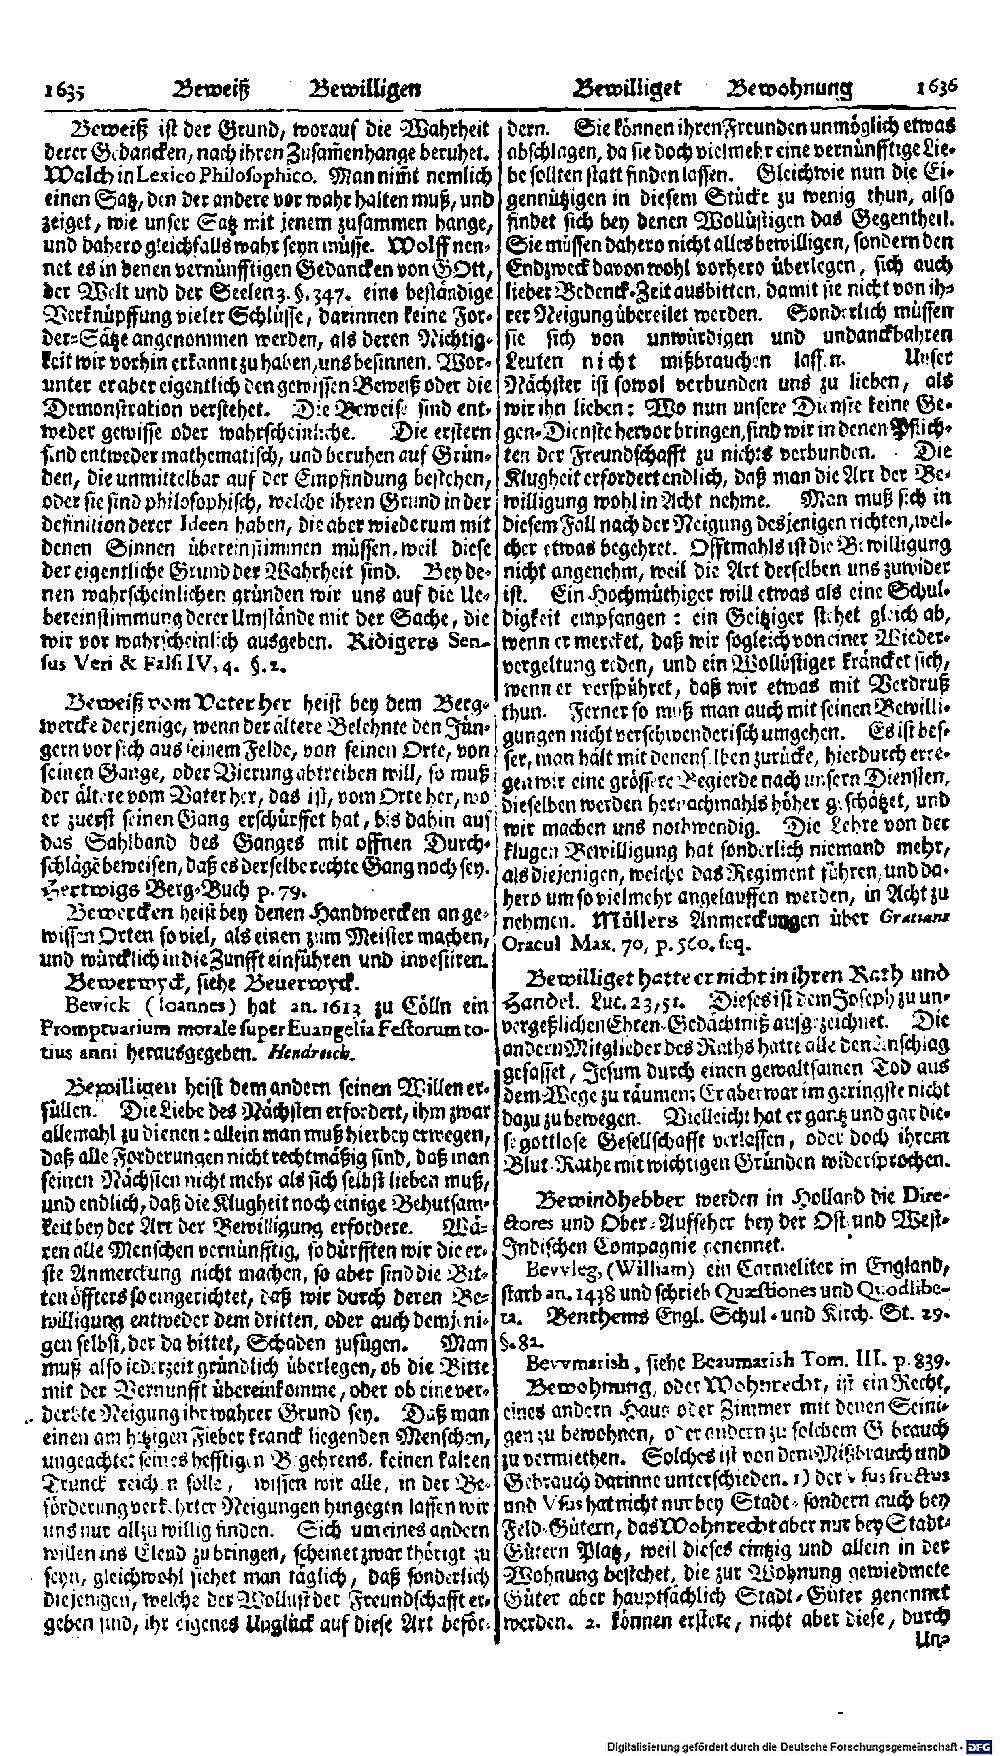 Bd. 03, Seite 0833.